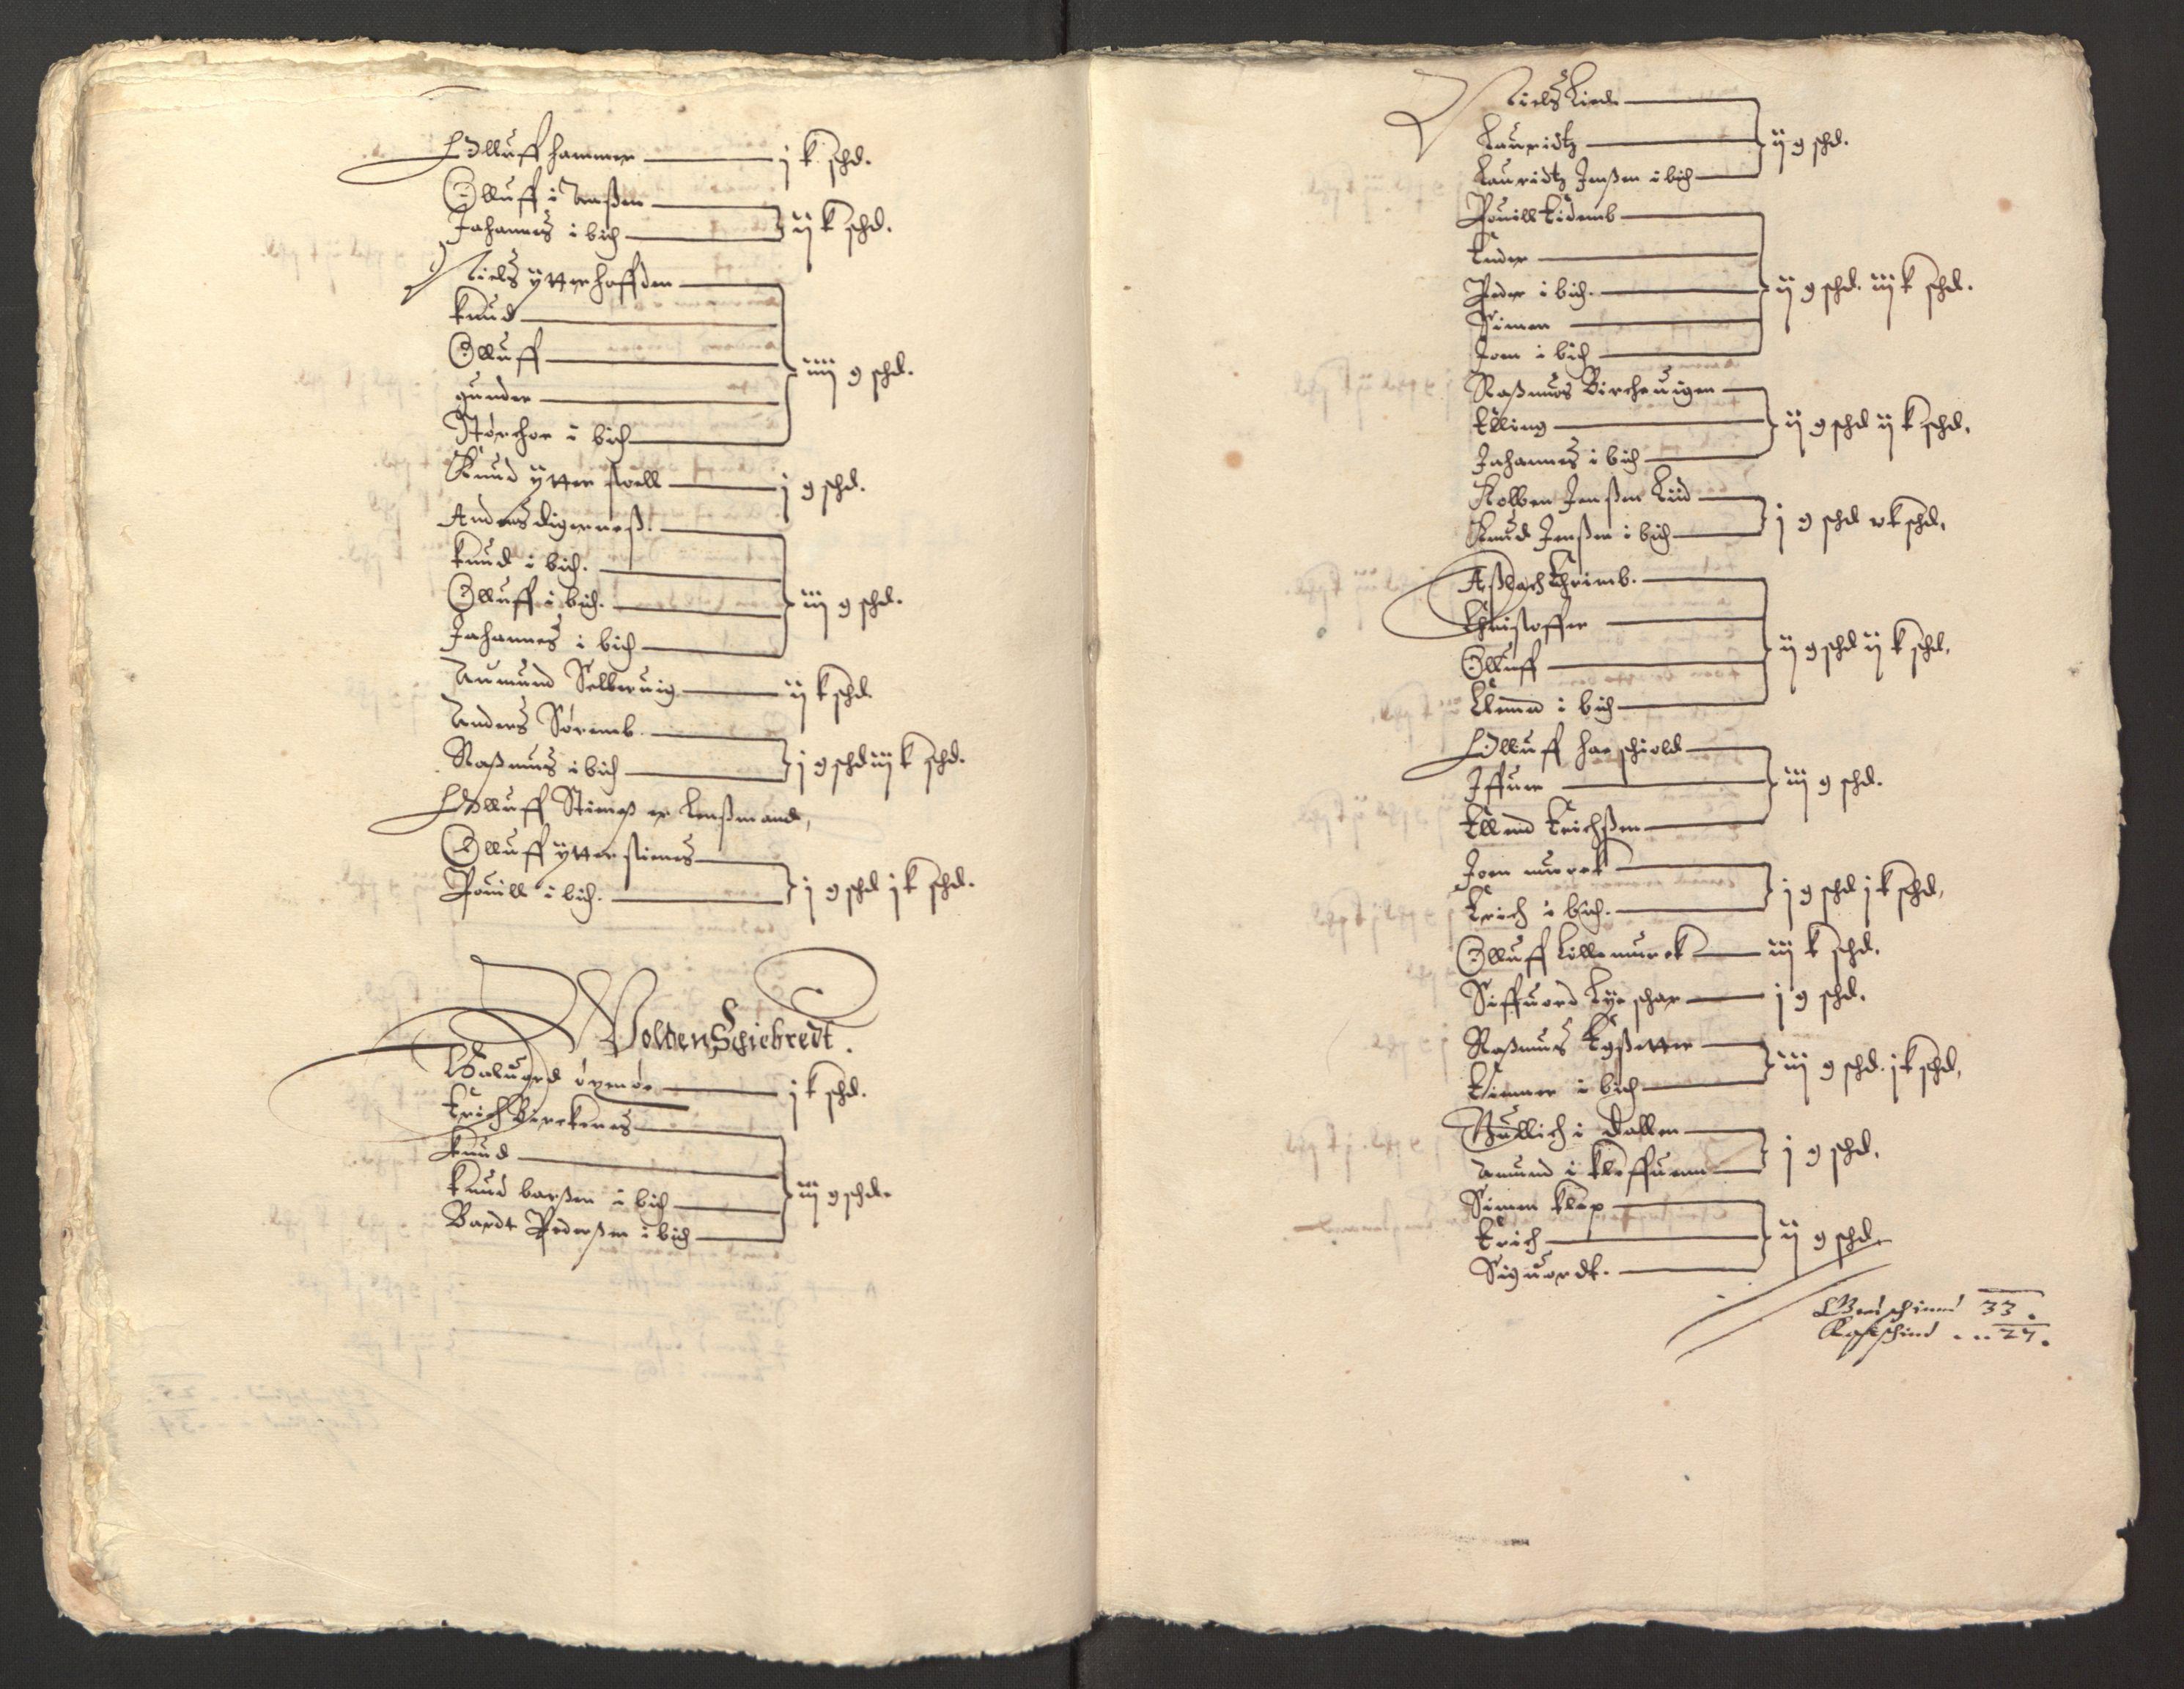 RA, Stattholderembetet 1572-1771, Ek/L0003: Jordebøker til utlikning av garnisonsskatt 1624-1626:, 1624-1625, s. 313